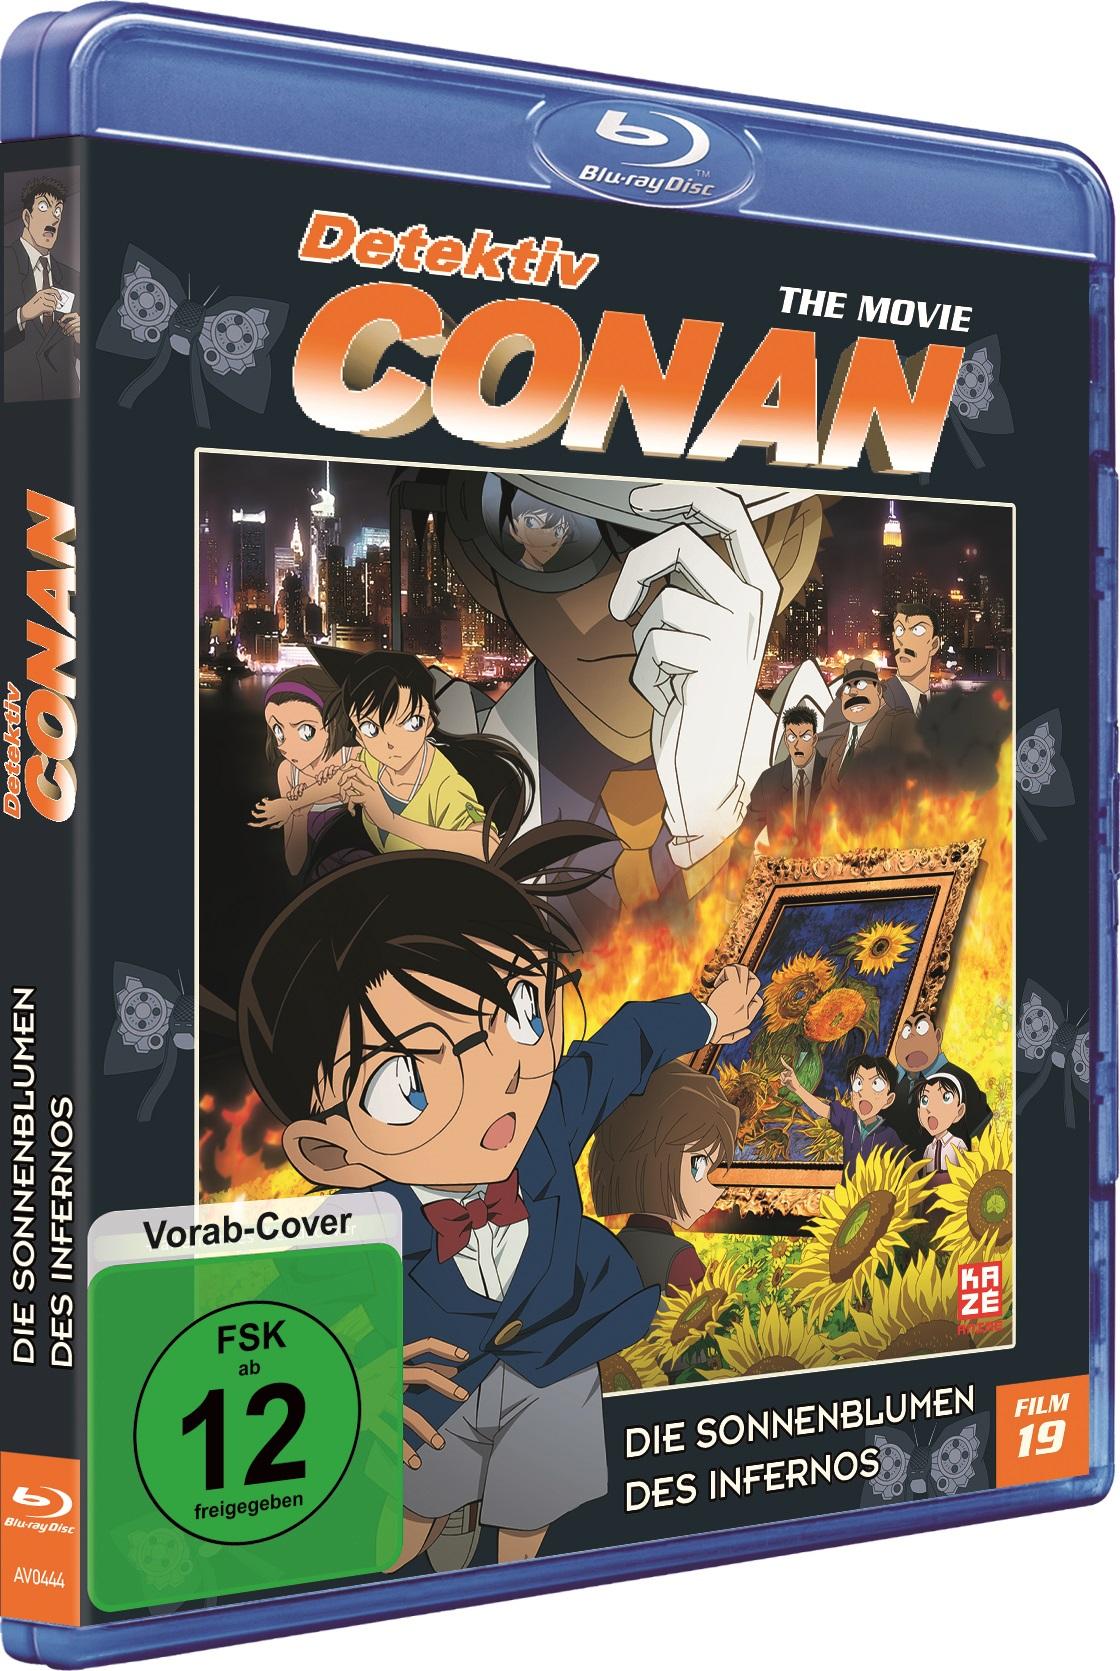 Detektiv Conan 19 Film Die Sonnenblumen des Infernos Blu-ray Vorab-Cover